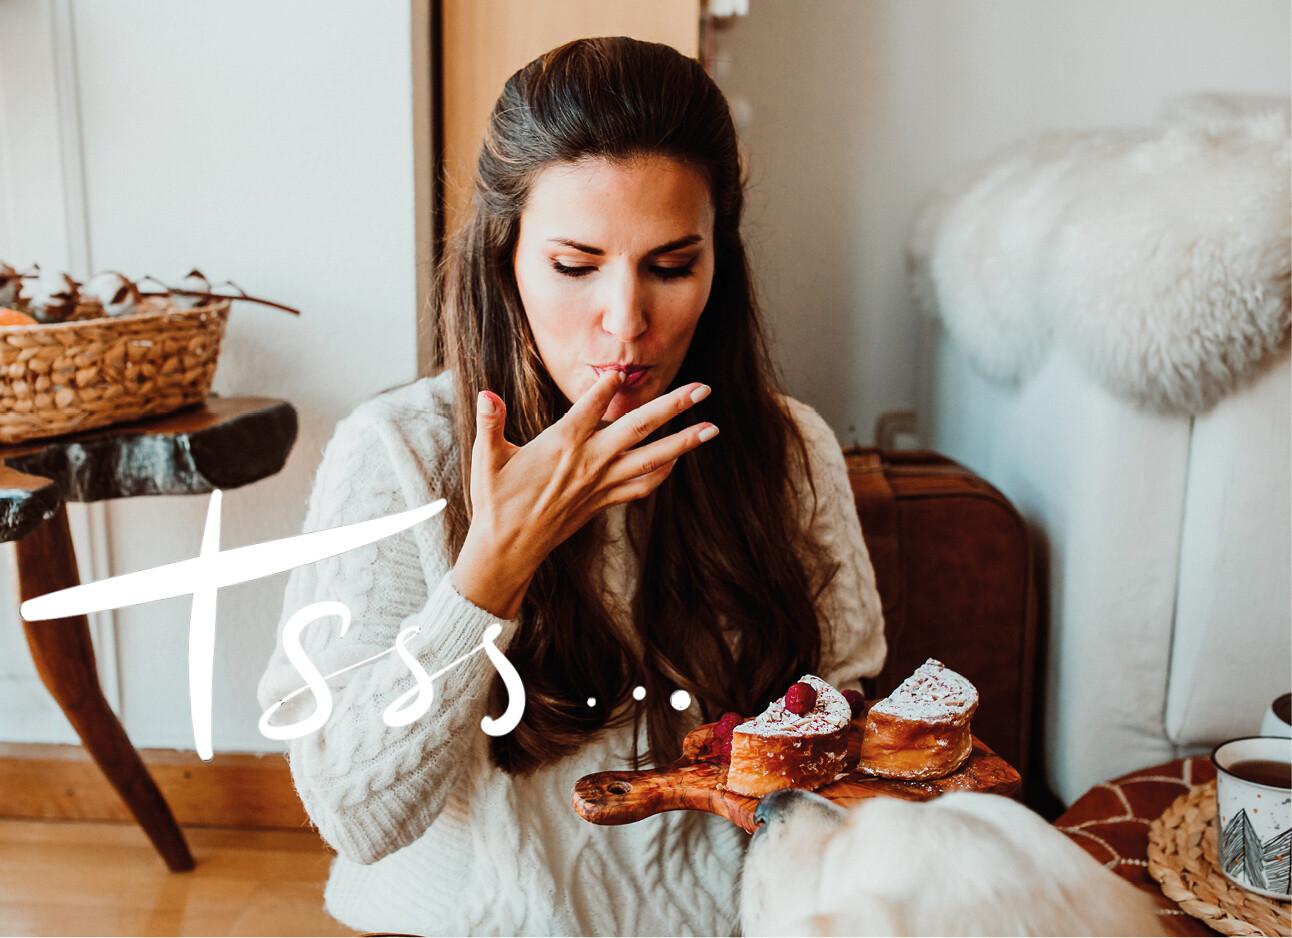 vrouw aan het eten